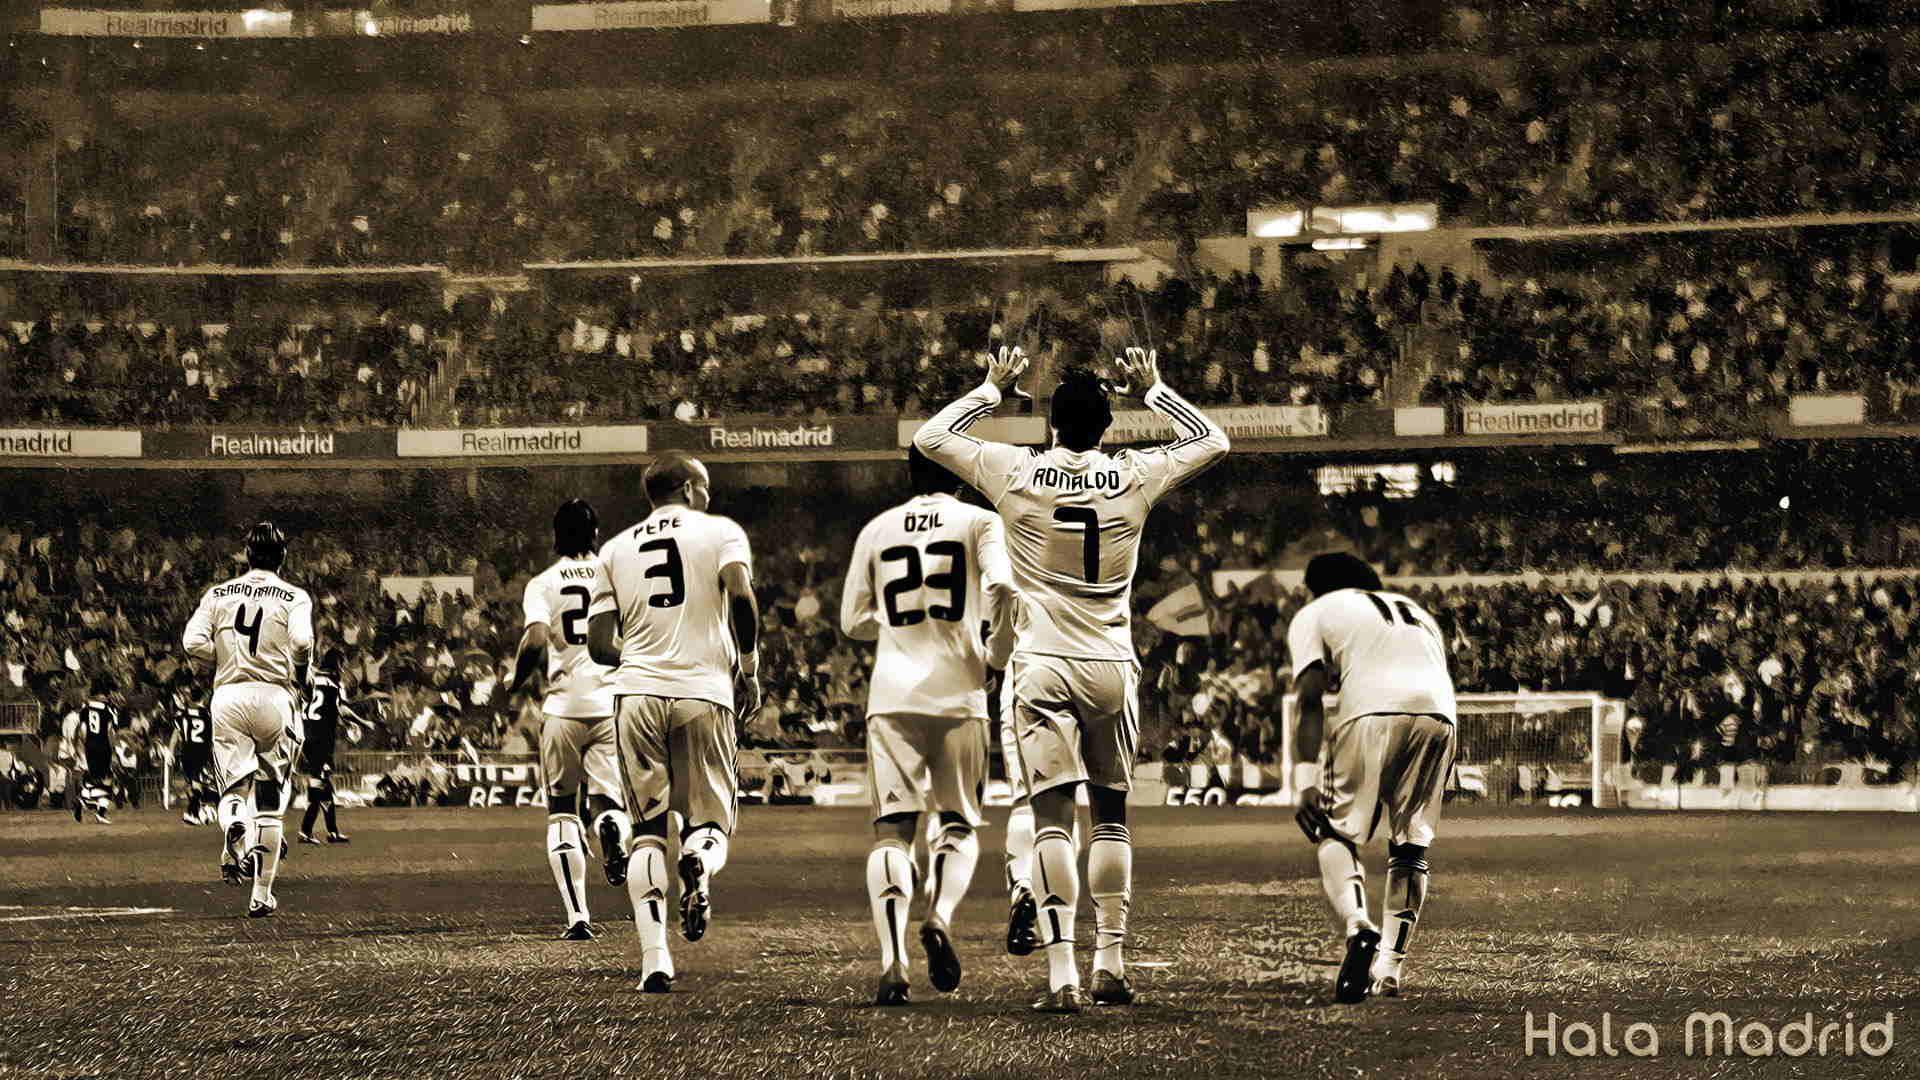 عکس خاص و نمای دیدنی و تاریخی از خوشحالی بازیکنان رئال